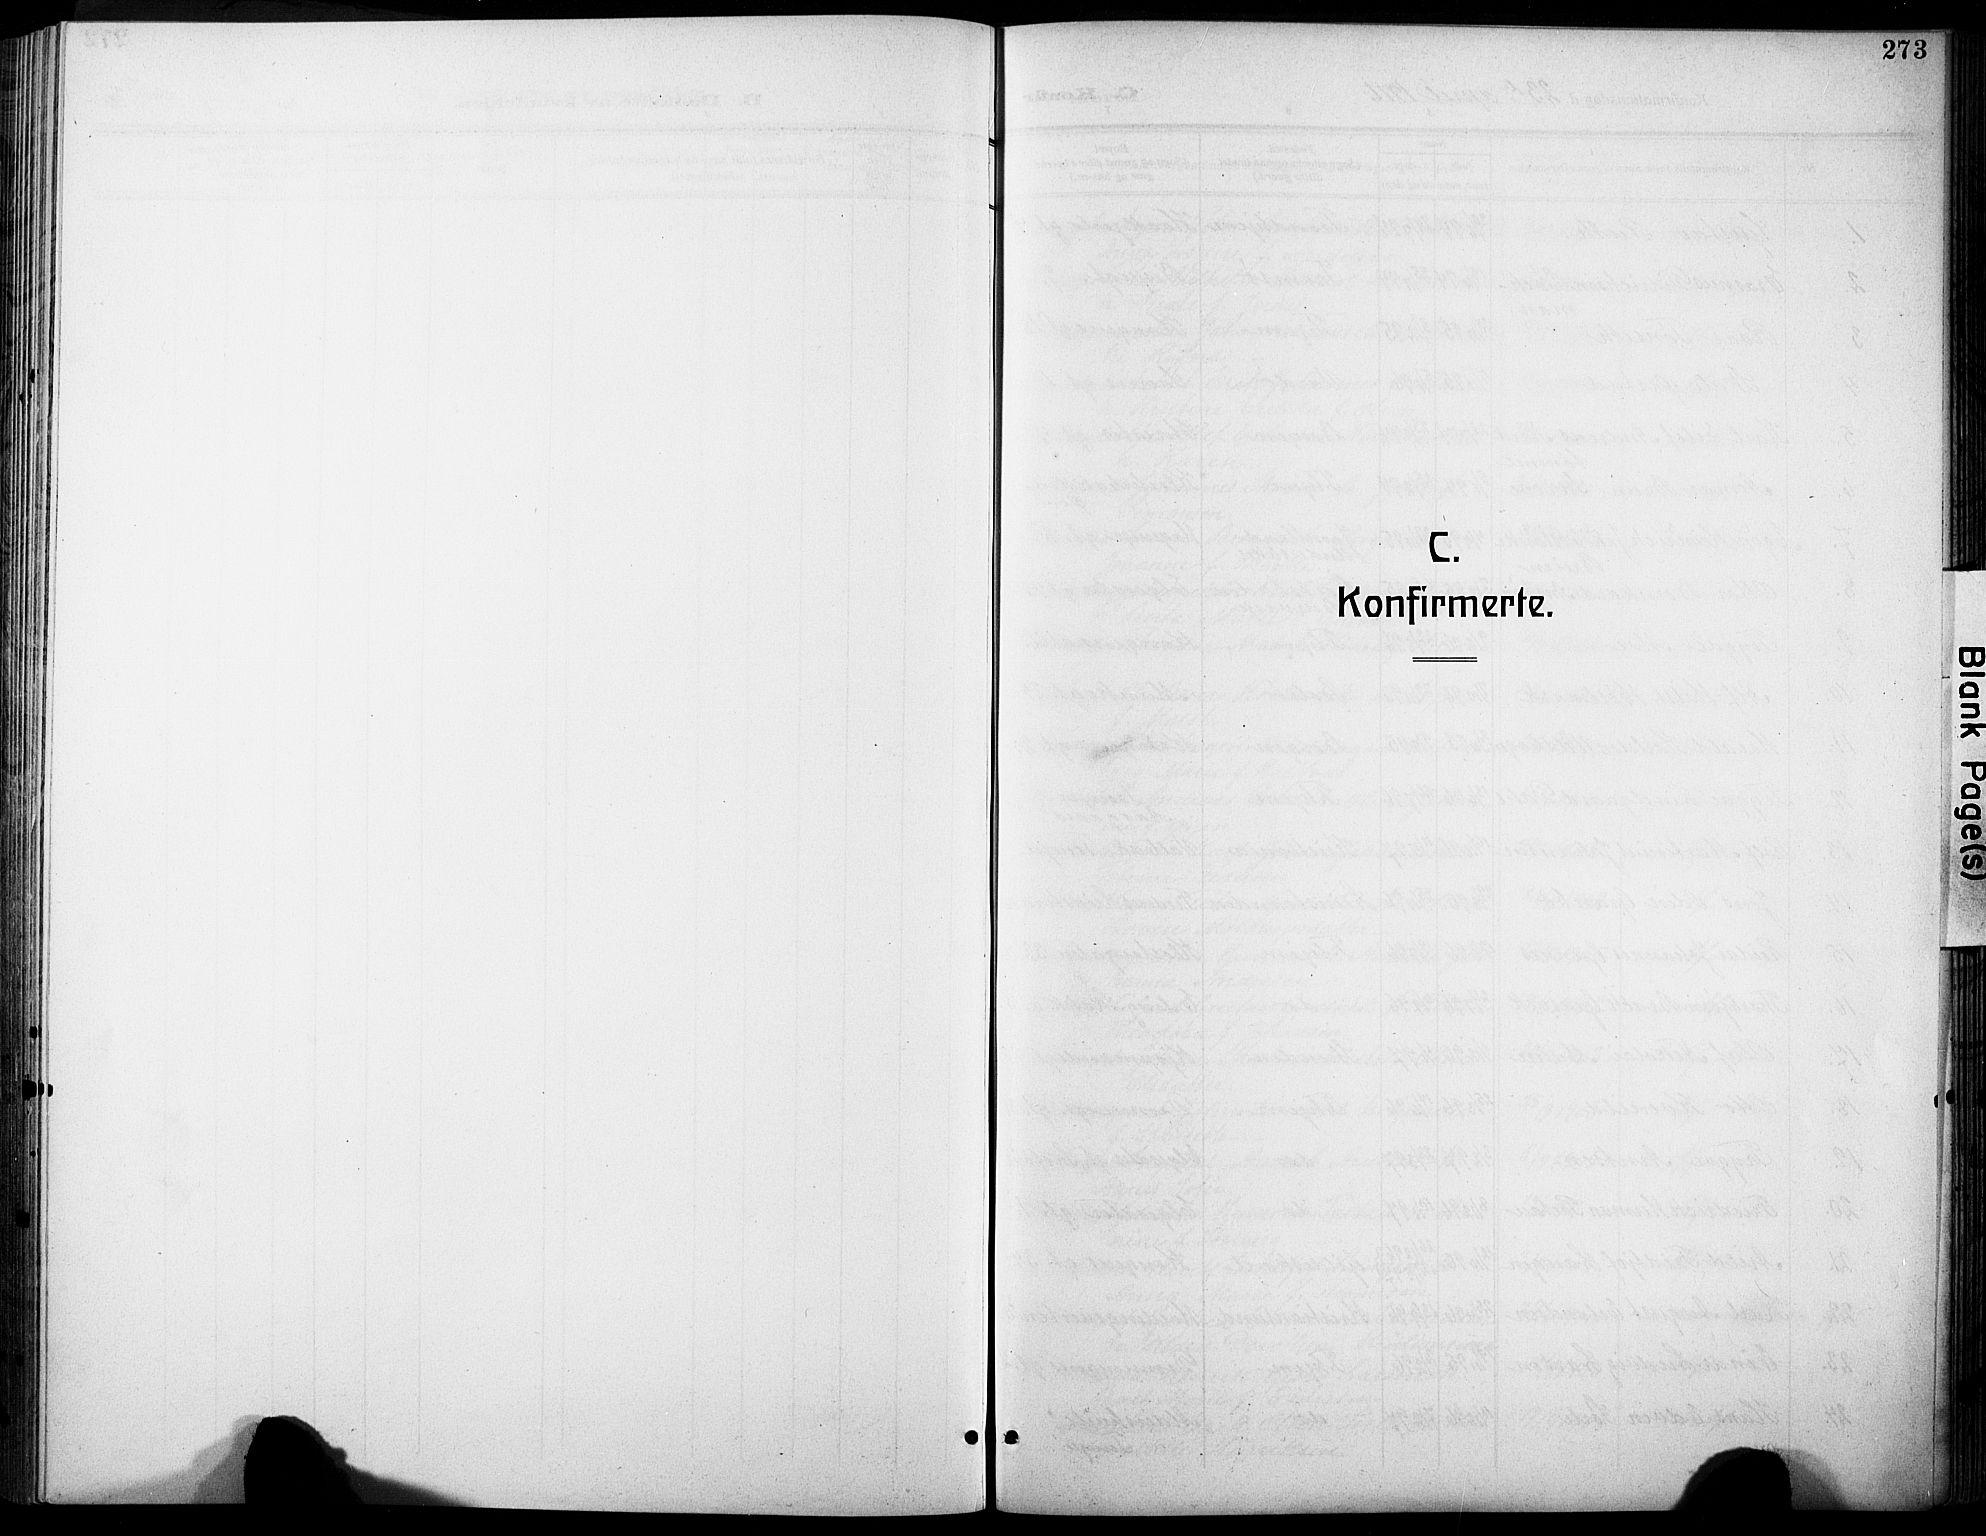 SAT, Ministerialprotokoller, klokkerbøker og fødselsregistre - Sør-Trøndelag, 601/L0096: Klokkerbok nr. 601C14, 1911-1931, s. 273